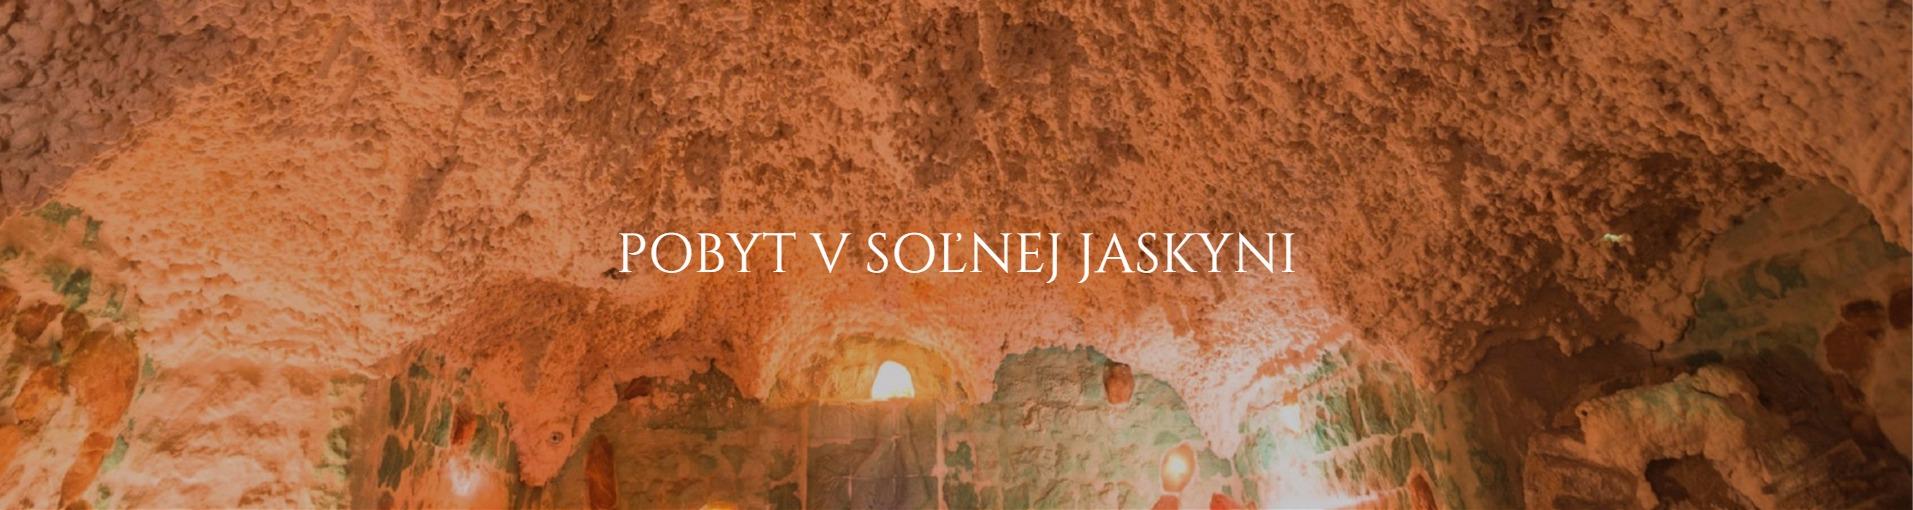 Pobyt v solnej jaskyni